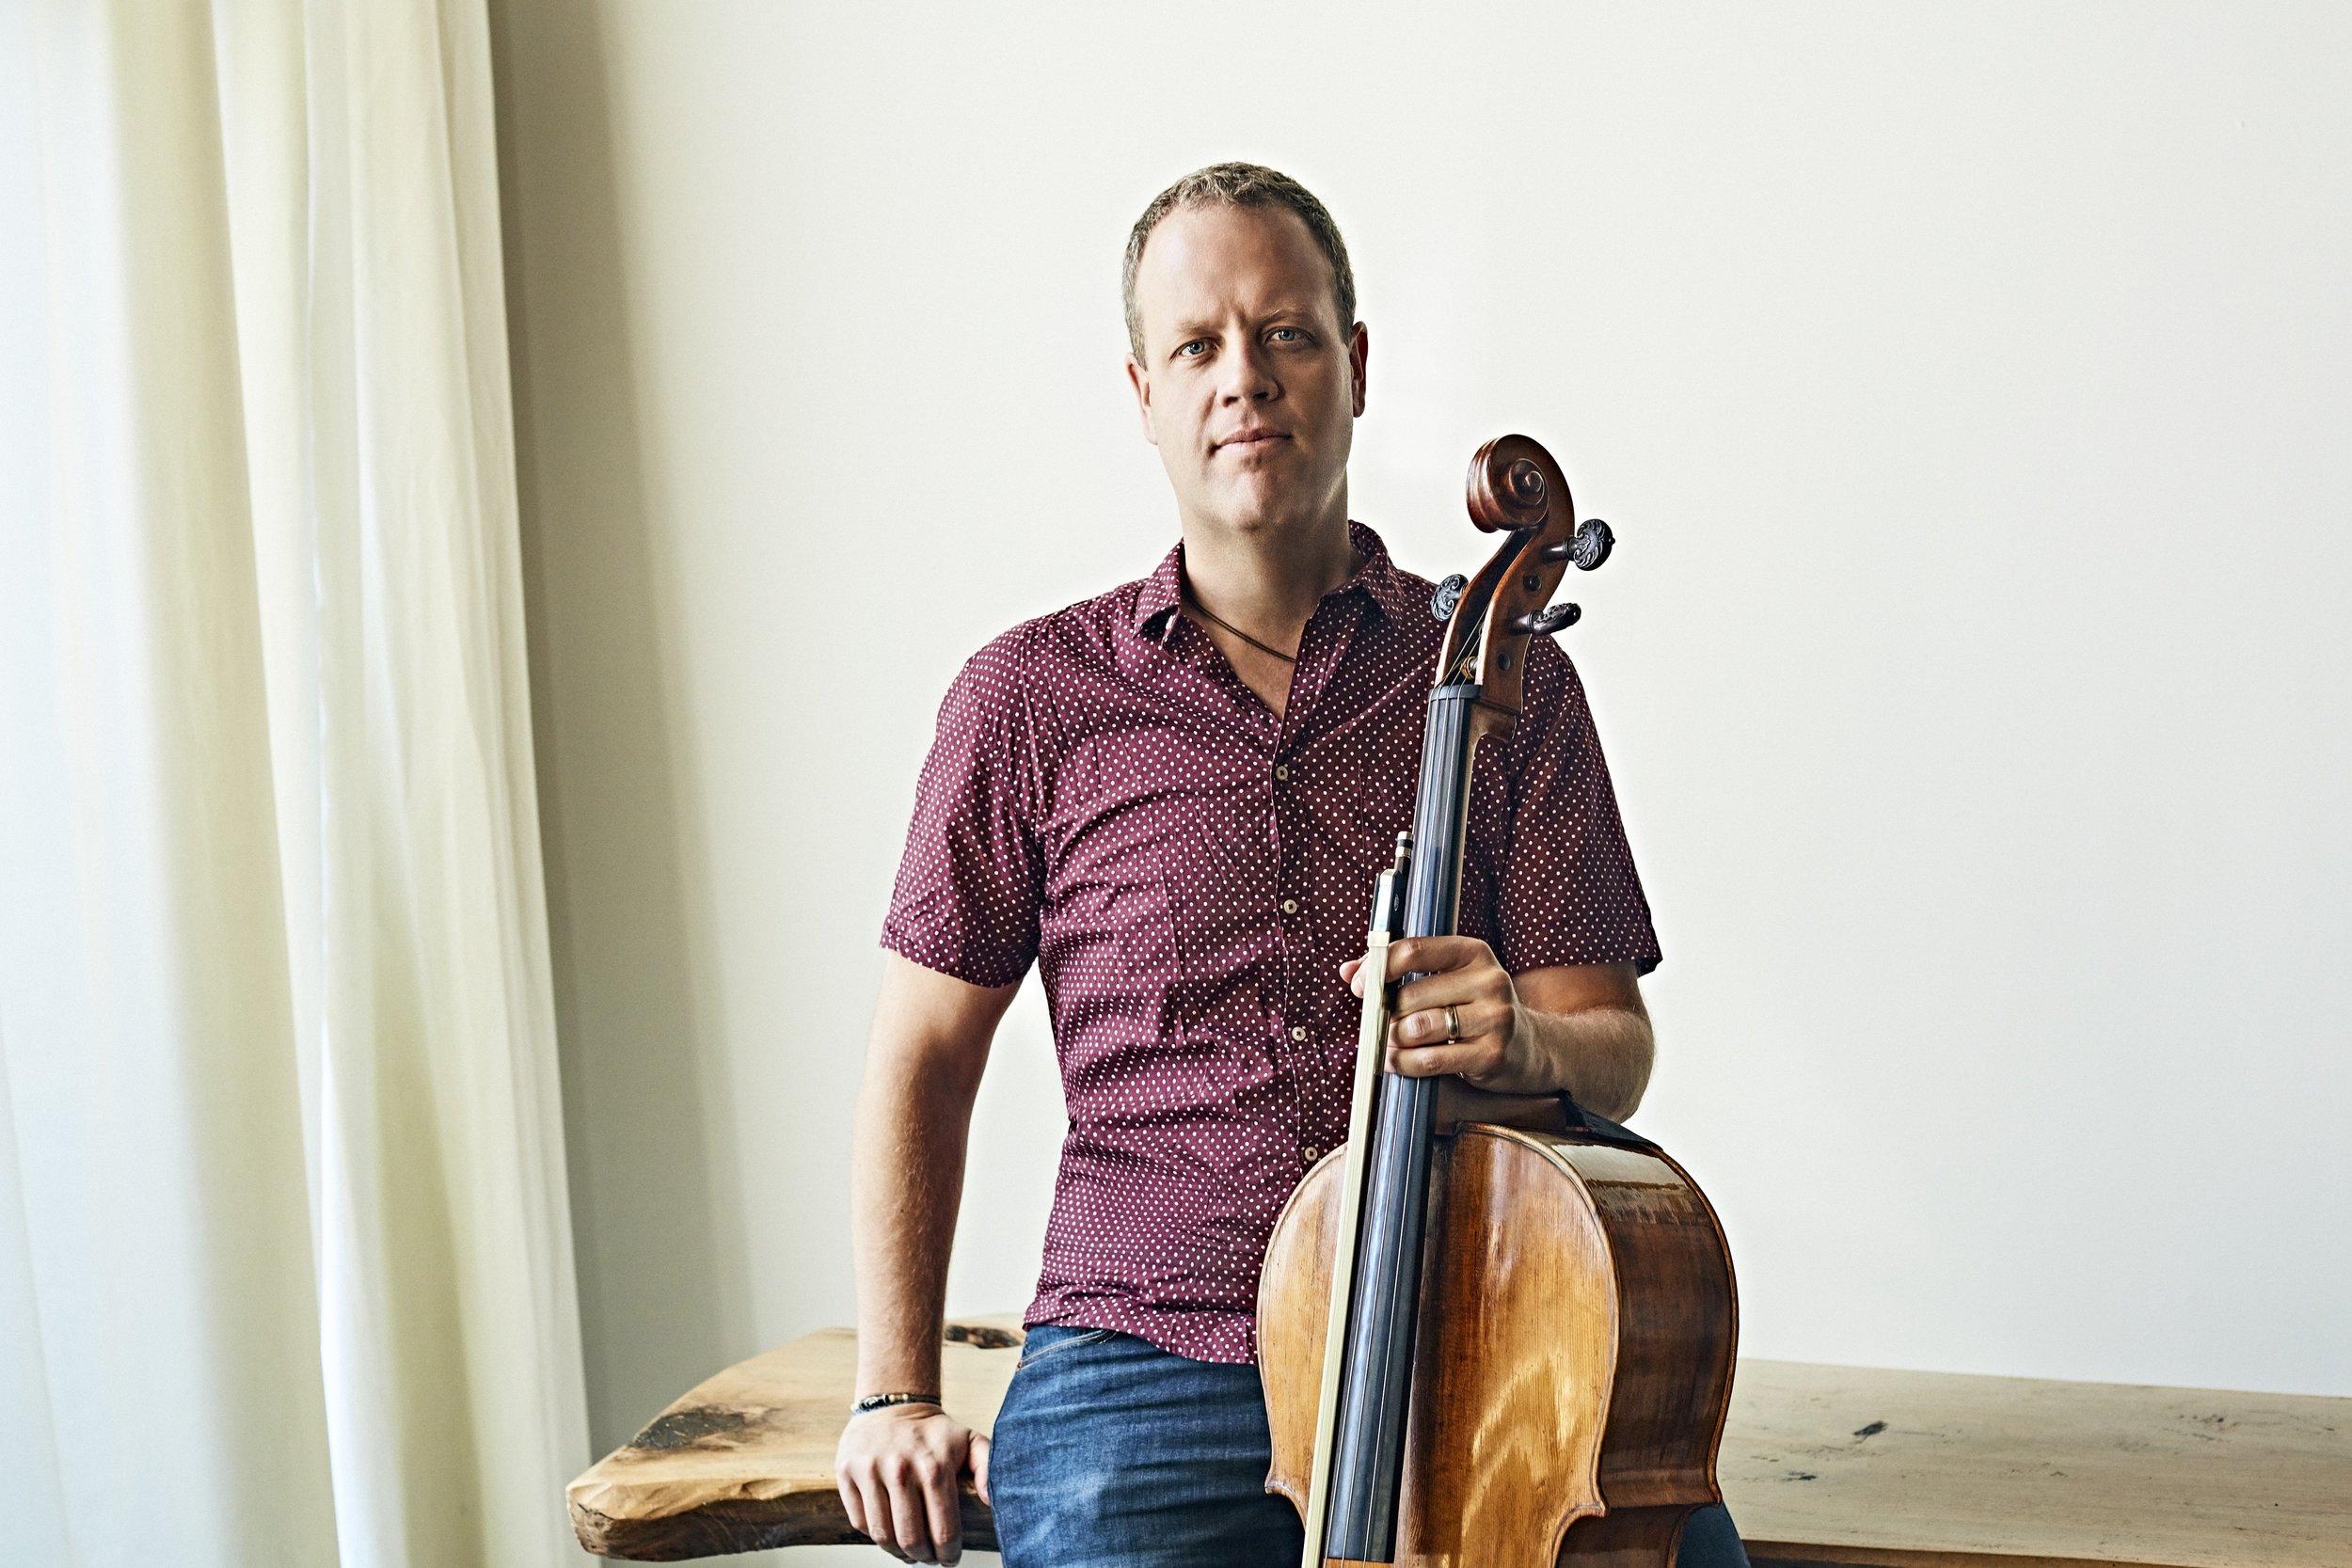 Blair Lofgren - Violoncelliste qualifié de «remarquable » par Ivan Moody, critique de Gramophone,Blair Lofgren mène une carrière bien remplie, partagée entre les prestations et l'enseignement.En plus de jouer dans l'Orchestre symphonique de Québec comme violoncelle solo, poste qu'il occupe depuis l'âge de 24 ans, ce musicien passionné enseigne au Conservatoire de musique de Québec, fait partie de plusieurs ensembles de musique de chambre, donne des cours de maître, s'est produit comme violoncelle solo invité, et a également participé à l'enregistrement des trames sonore des populaires jeux vidéo Dead Rising.Comme soliste, il a récemment interprété des chefs-d'œuvre avec plusieurs orchestres, incluant les Concerto pour violoncellede Dvorak, Saint-Saëns, Shostakovich, Boccherini et Don Quichottede Strauss. En avril 2017 il jouera la Sinfonia Concertante de Prokofiev. L'été, Blair se joint à la crème des musiciens du monde entier lors d'événements comme le Scotia Festival of Music et le Festival international du Domaine Forget, où il fait également profiter la relève musicale de son expérience grâce à l'enseignement et au mentorat.Blair a la chance de jouer sur un magnifique instrument fabriqué en 1698 dans l'atellier du luthier milanais, Giovanni Battista Grancino